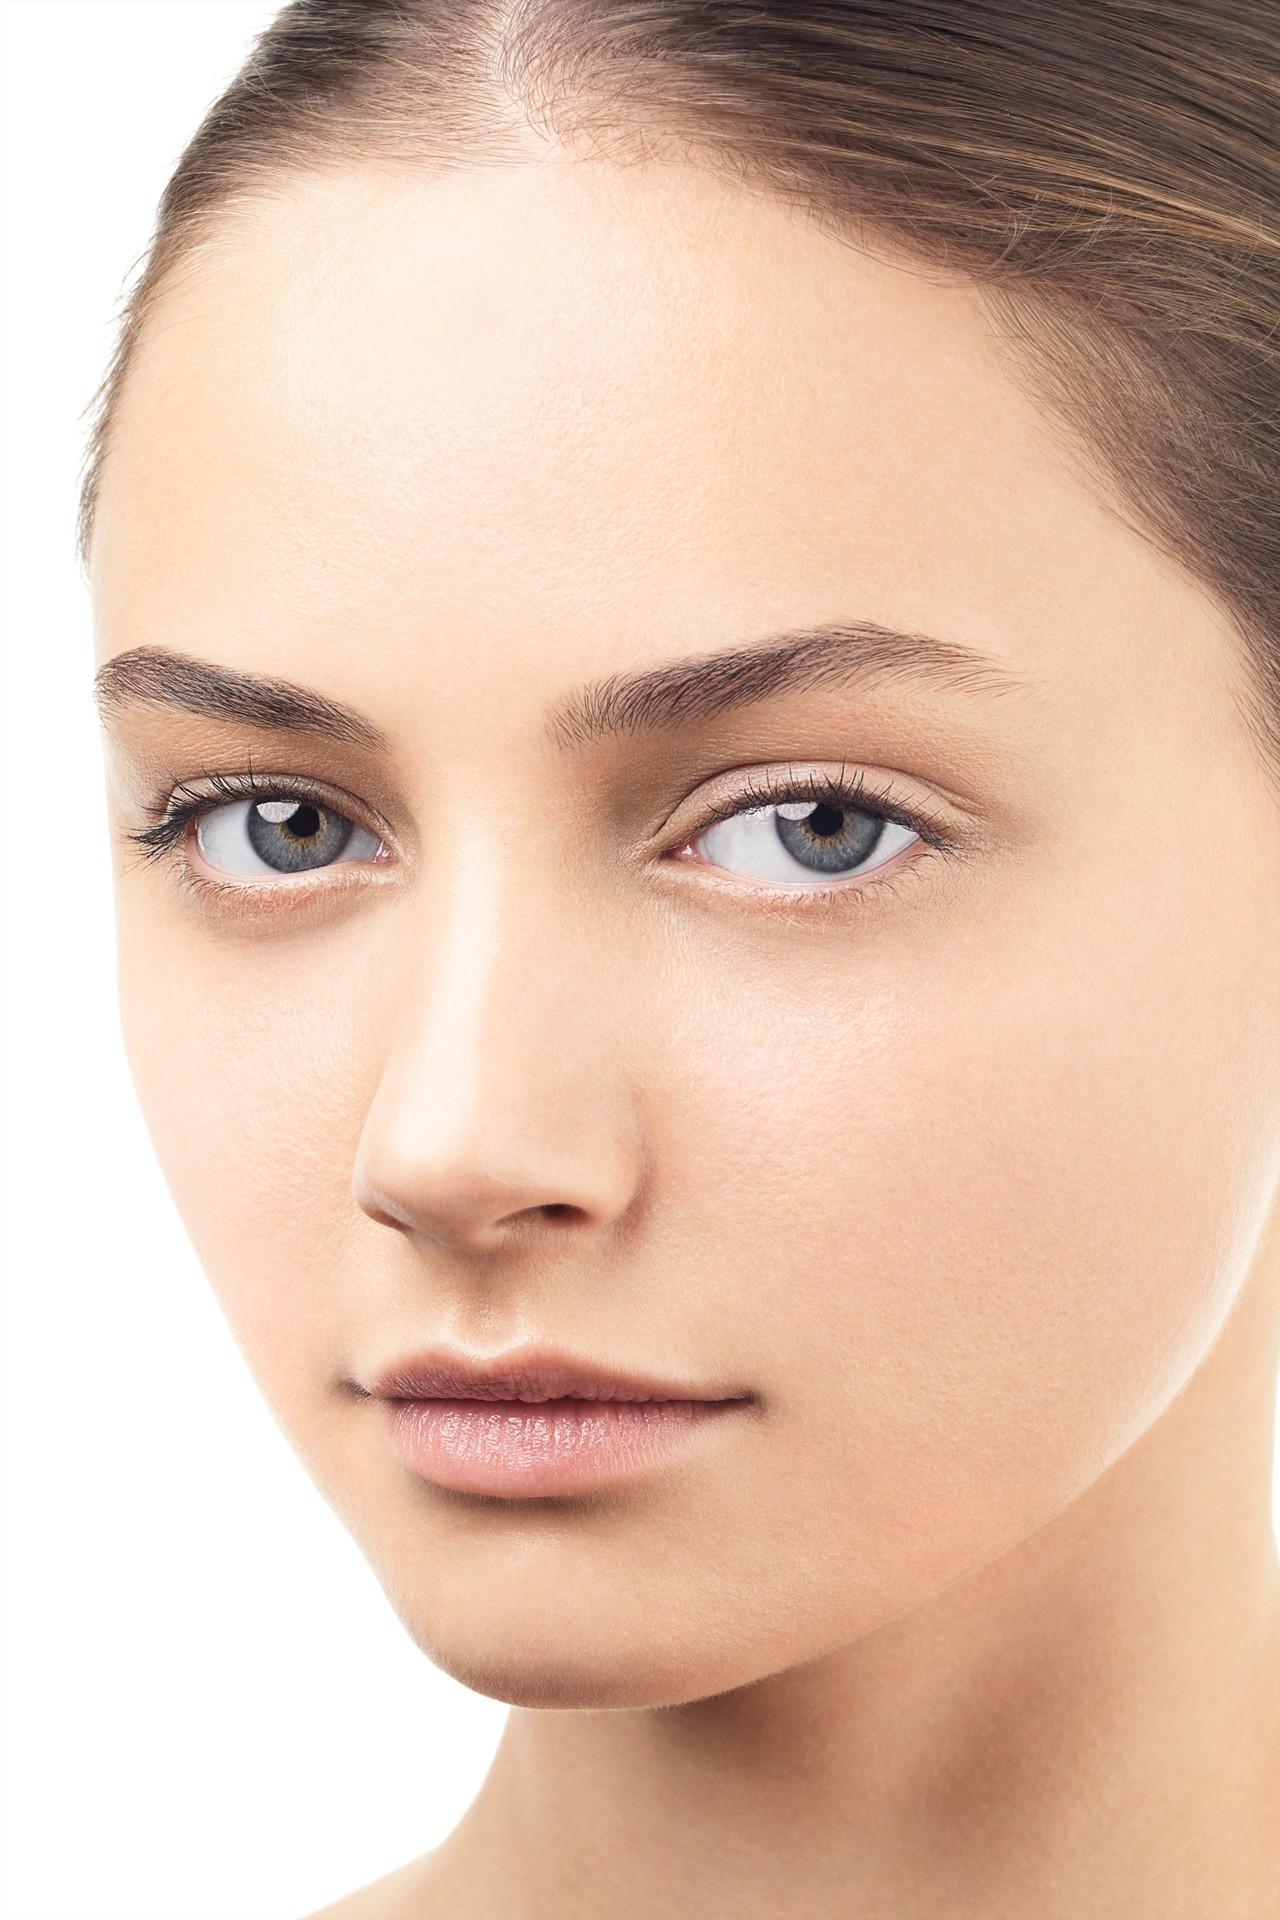 Home-Remedies-For-Fair-Skin-